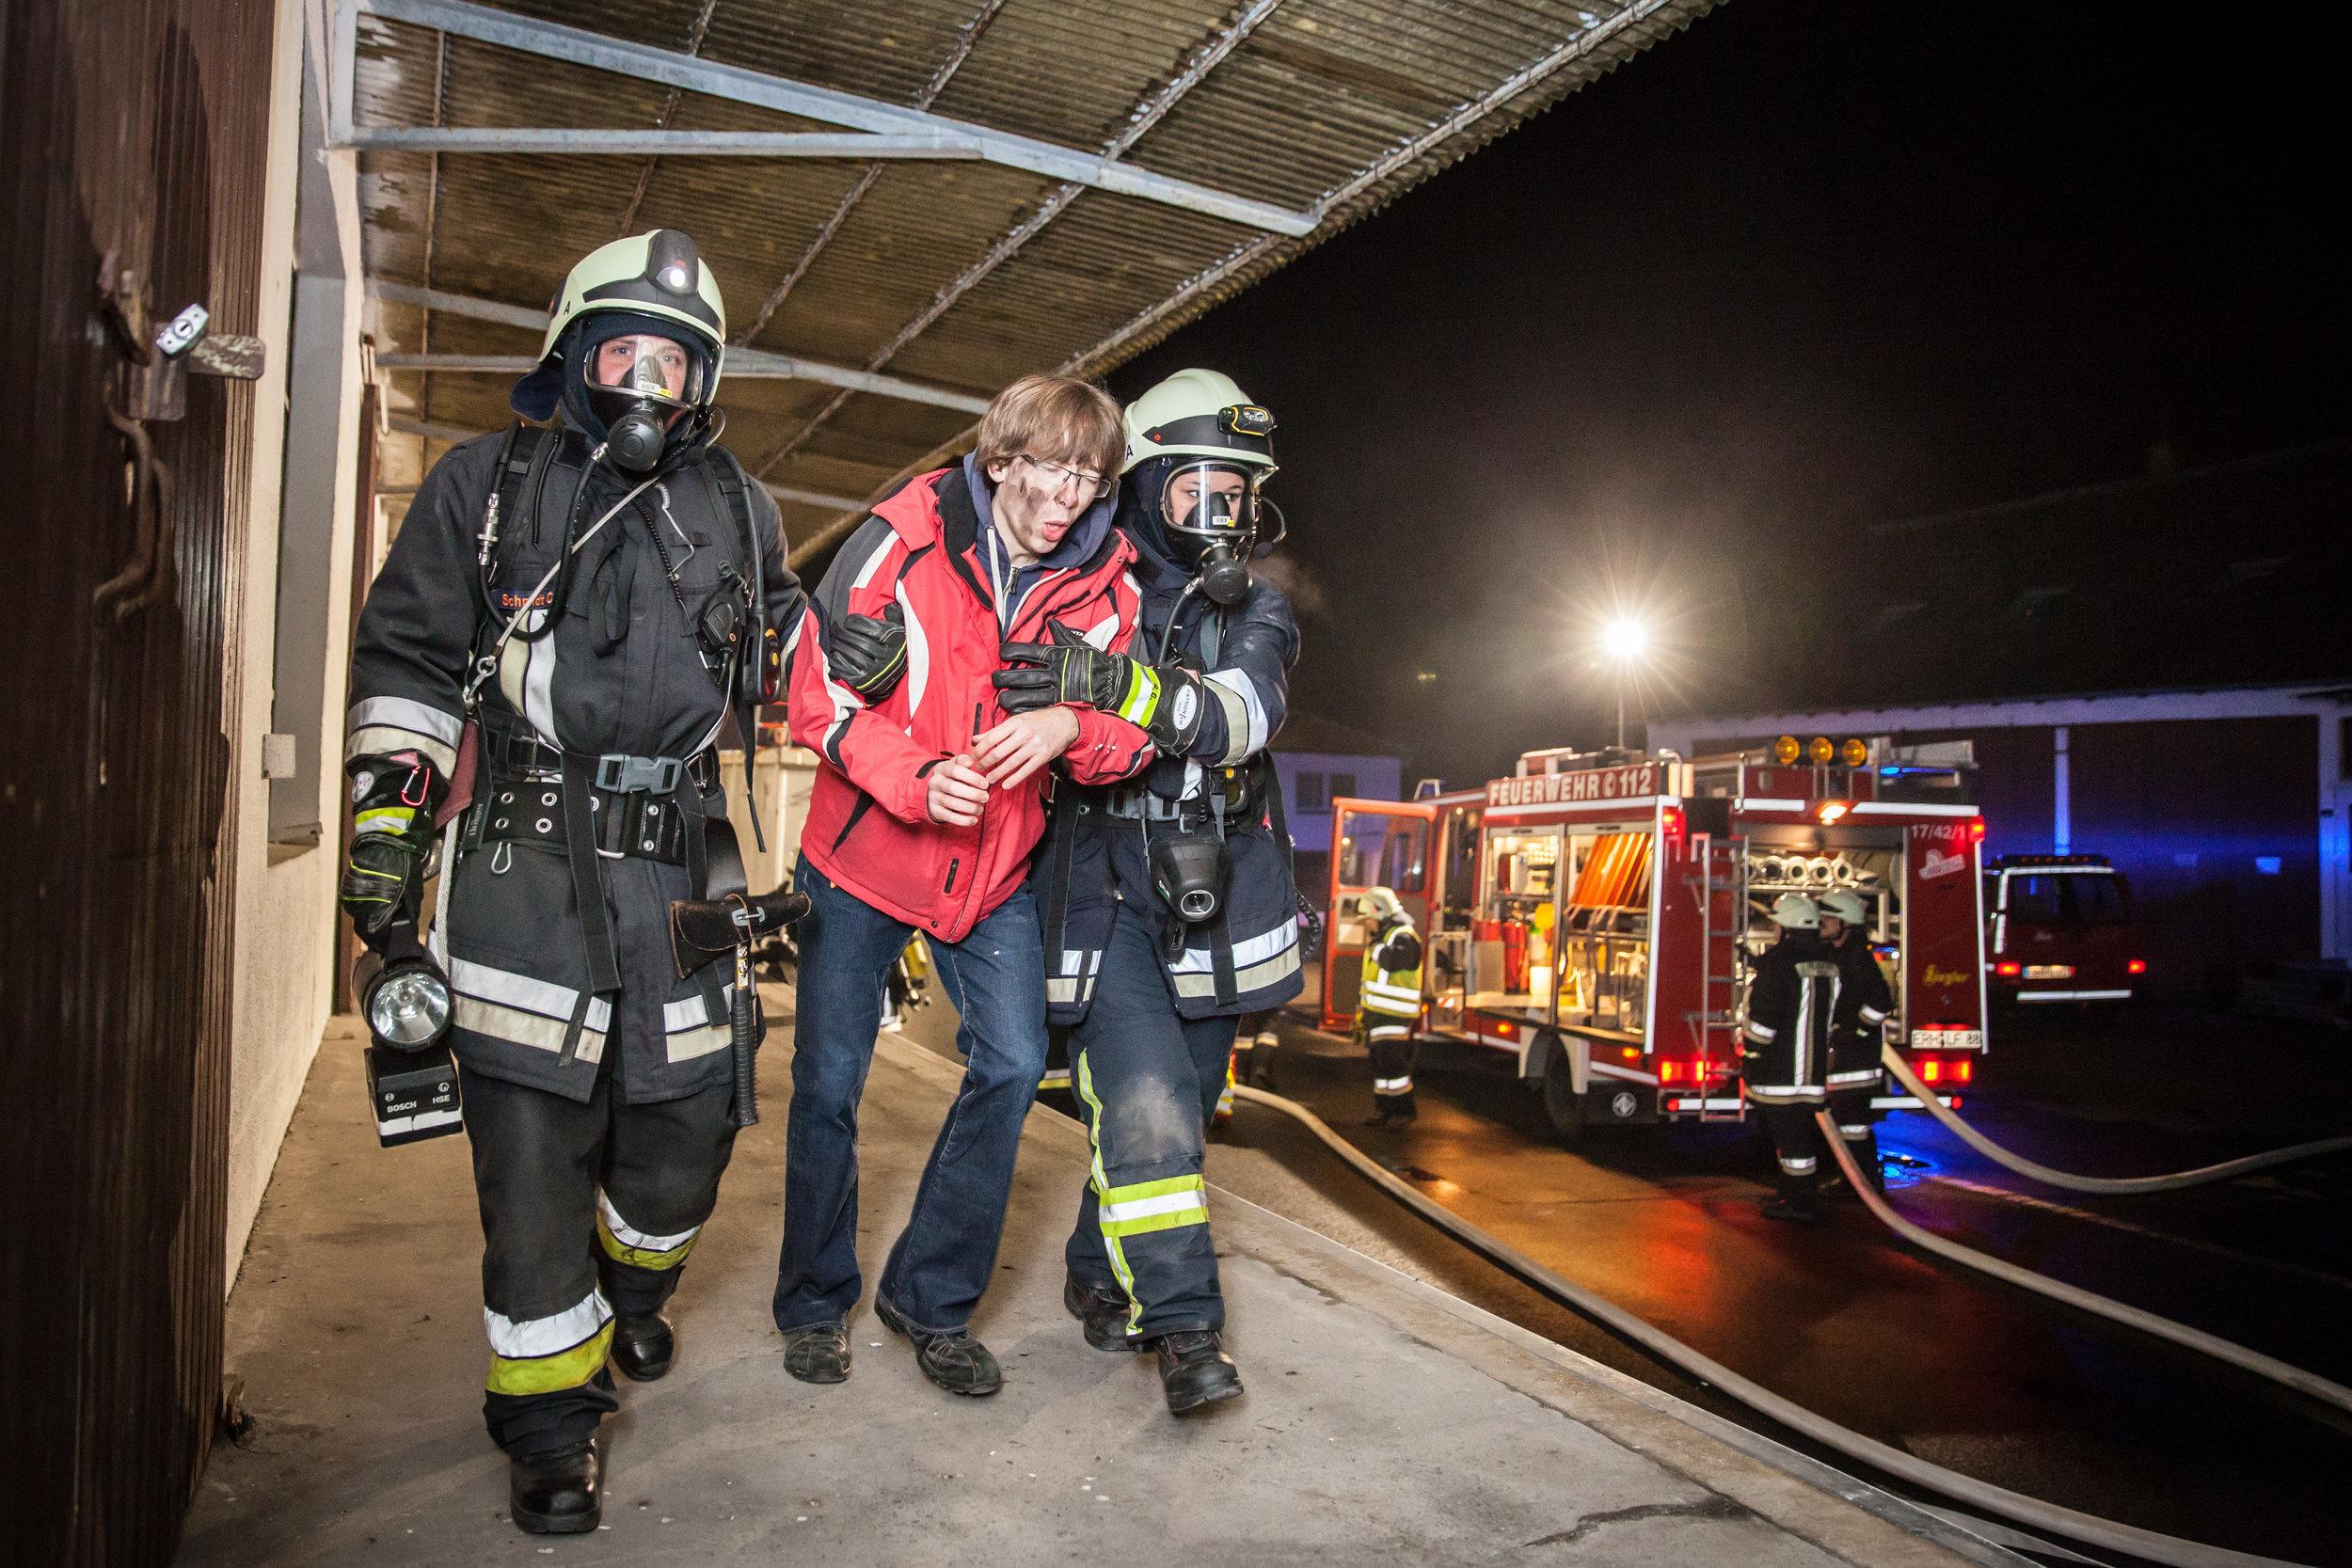 Angriffstrupp hat die erste Person aus dem Brandobjekt gerettet...